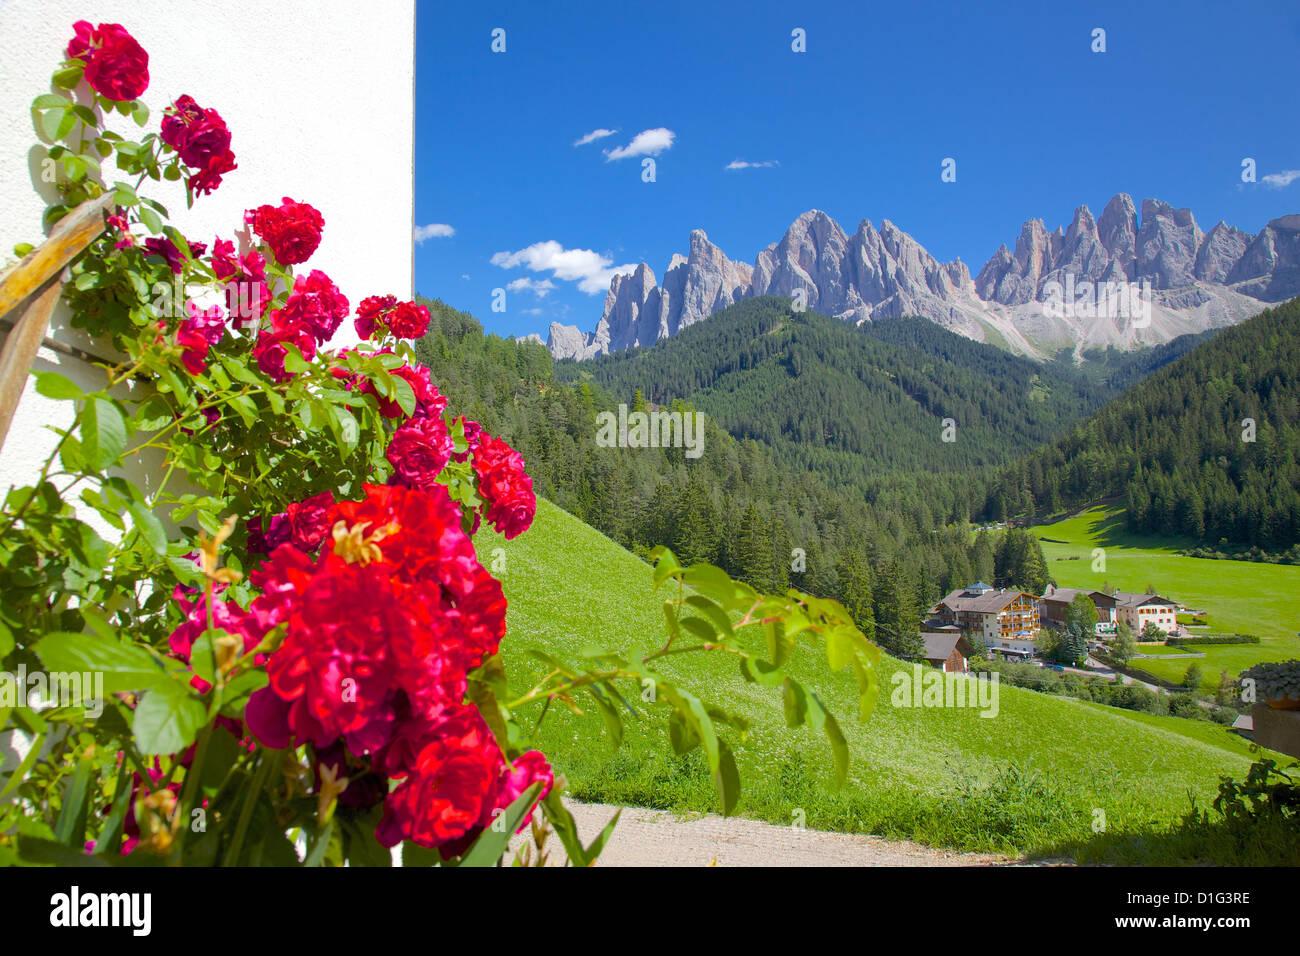 Roses on chalet wall, Val di Funes, Bolzano Province, Trentino-Alto Adige/South Tyrol, Italian Dolomites, Italy, - Stock Image